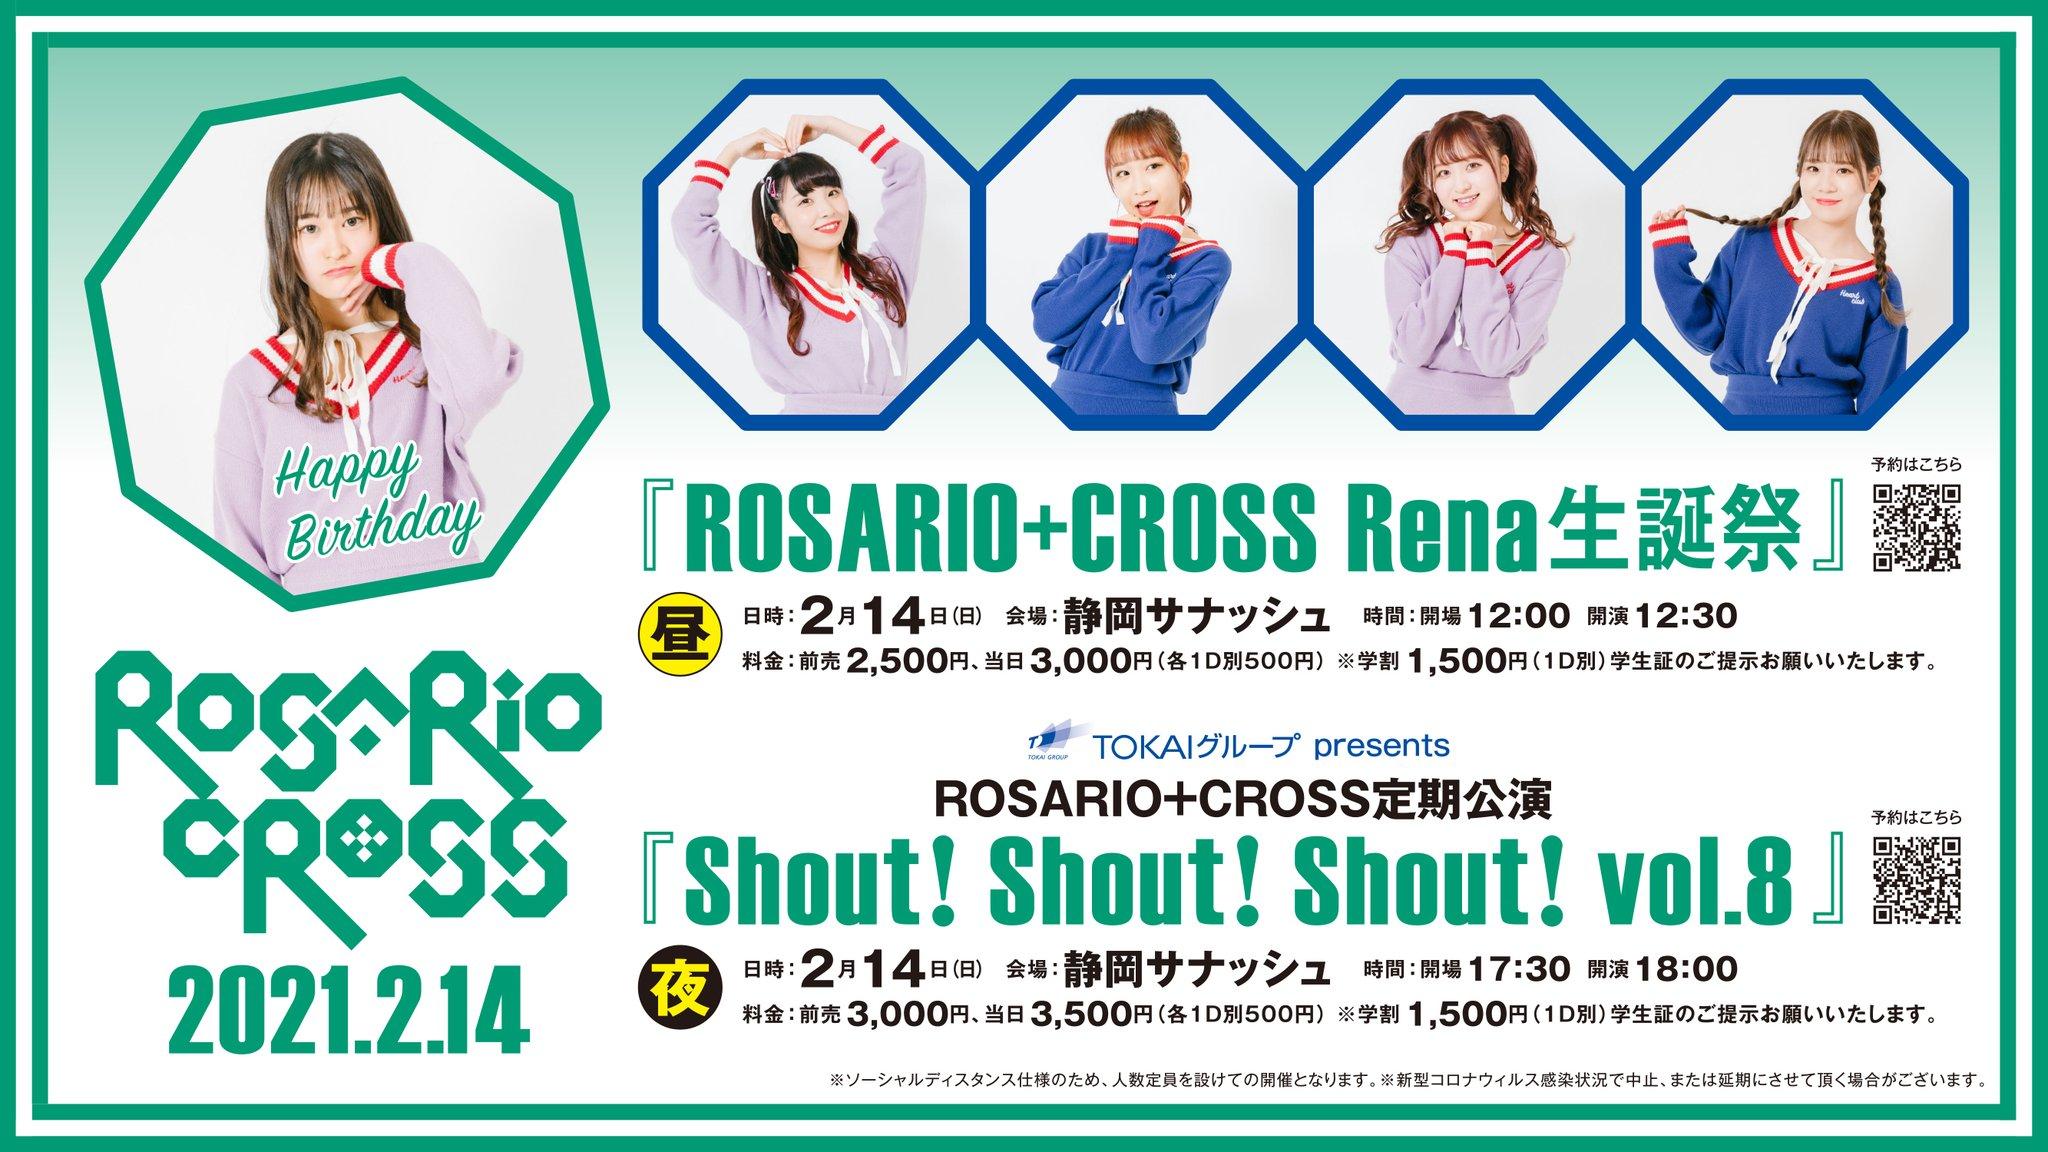 【ROSARIO+CROSS】昼公演「ROSARIO+CROSS Rena生誕祭」